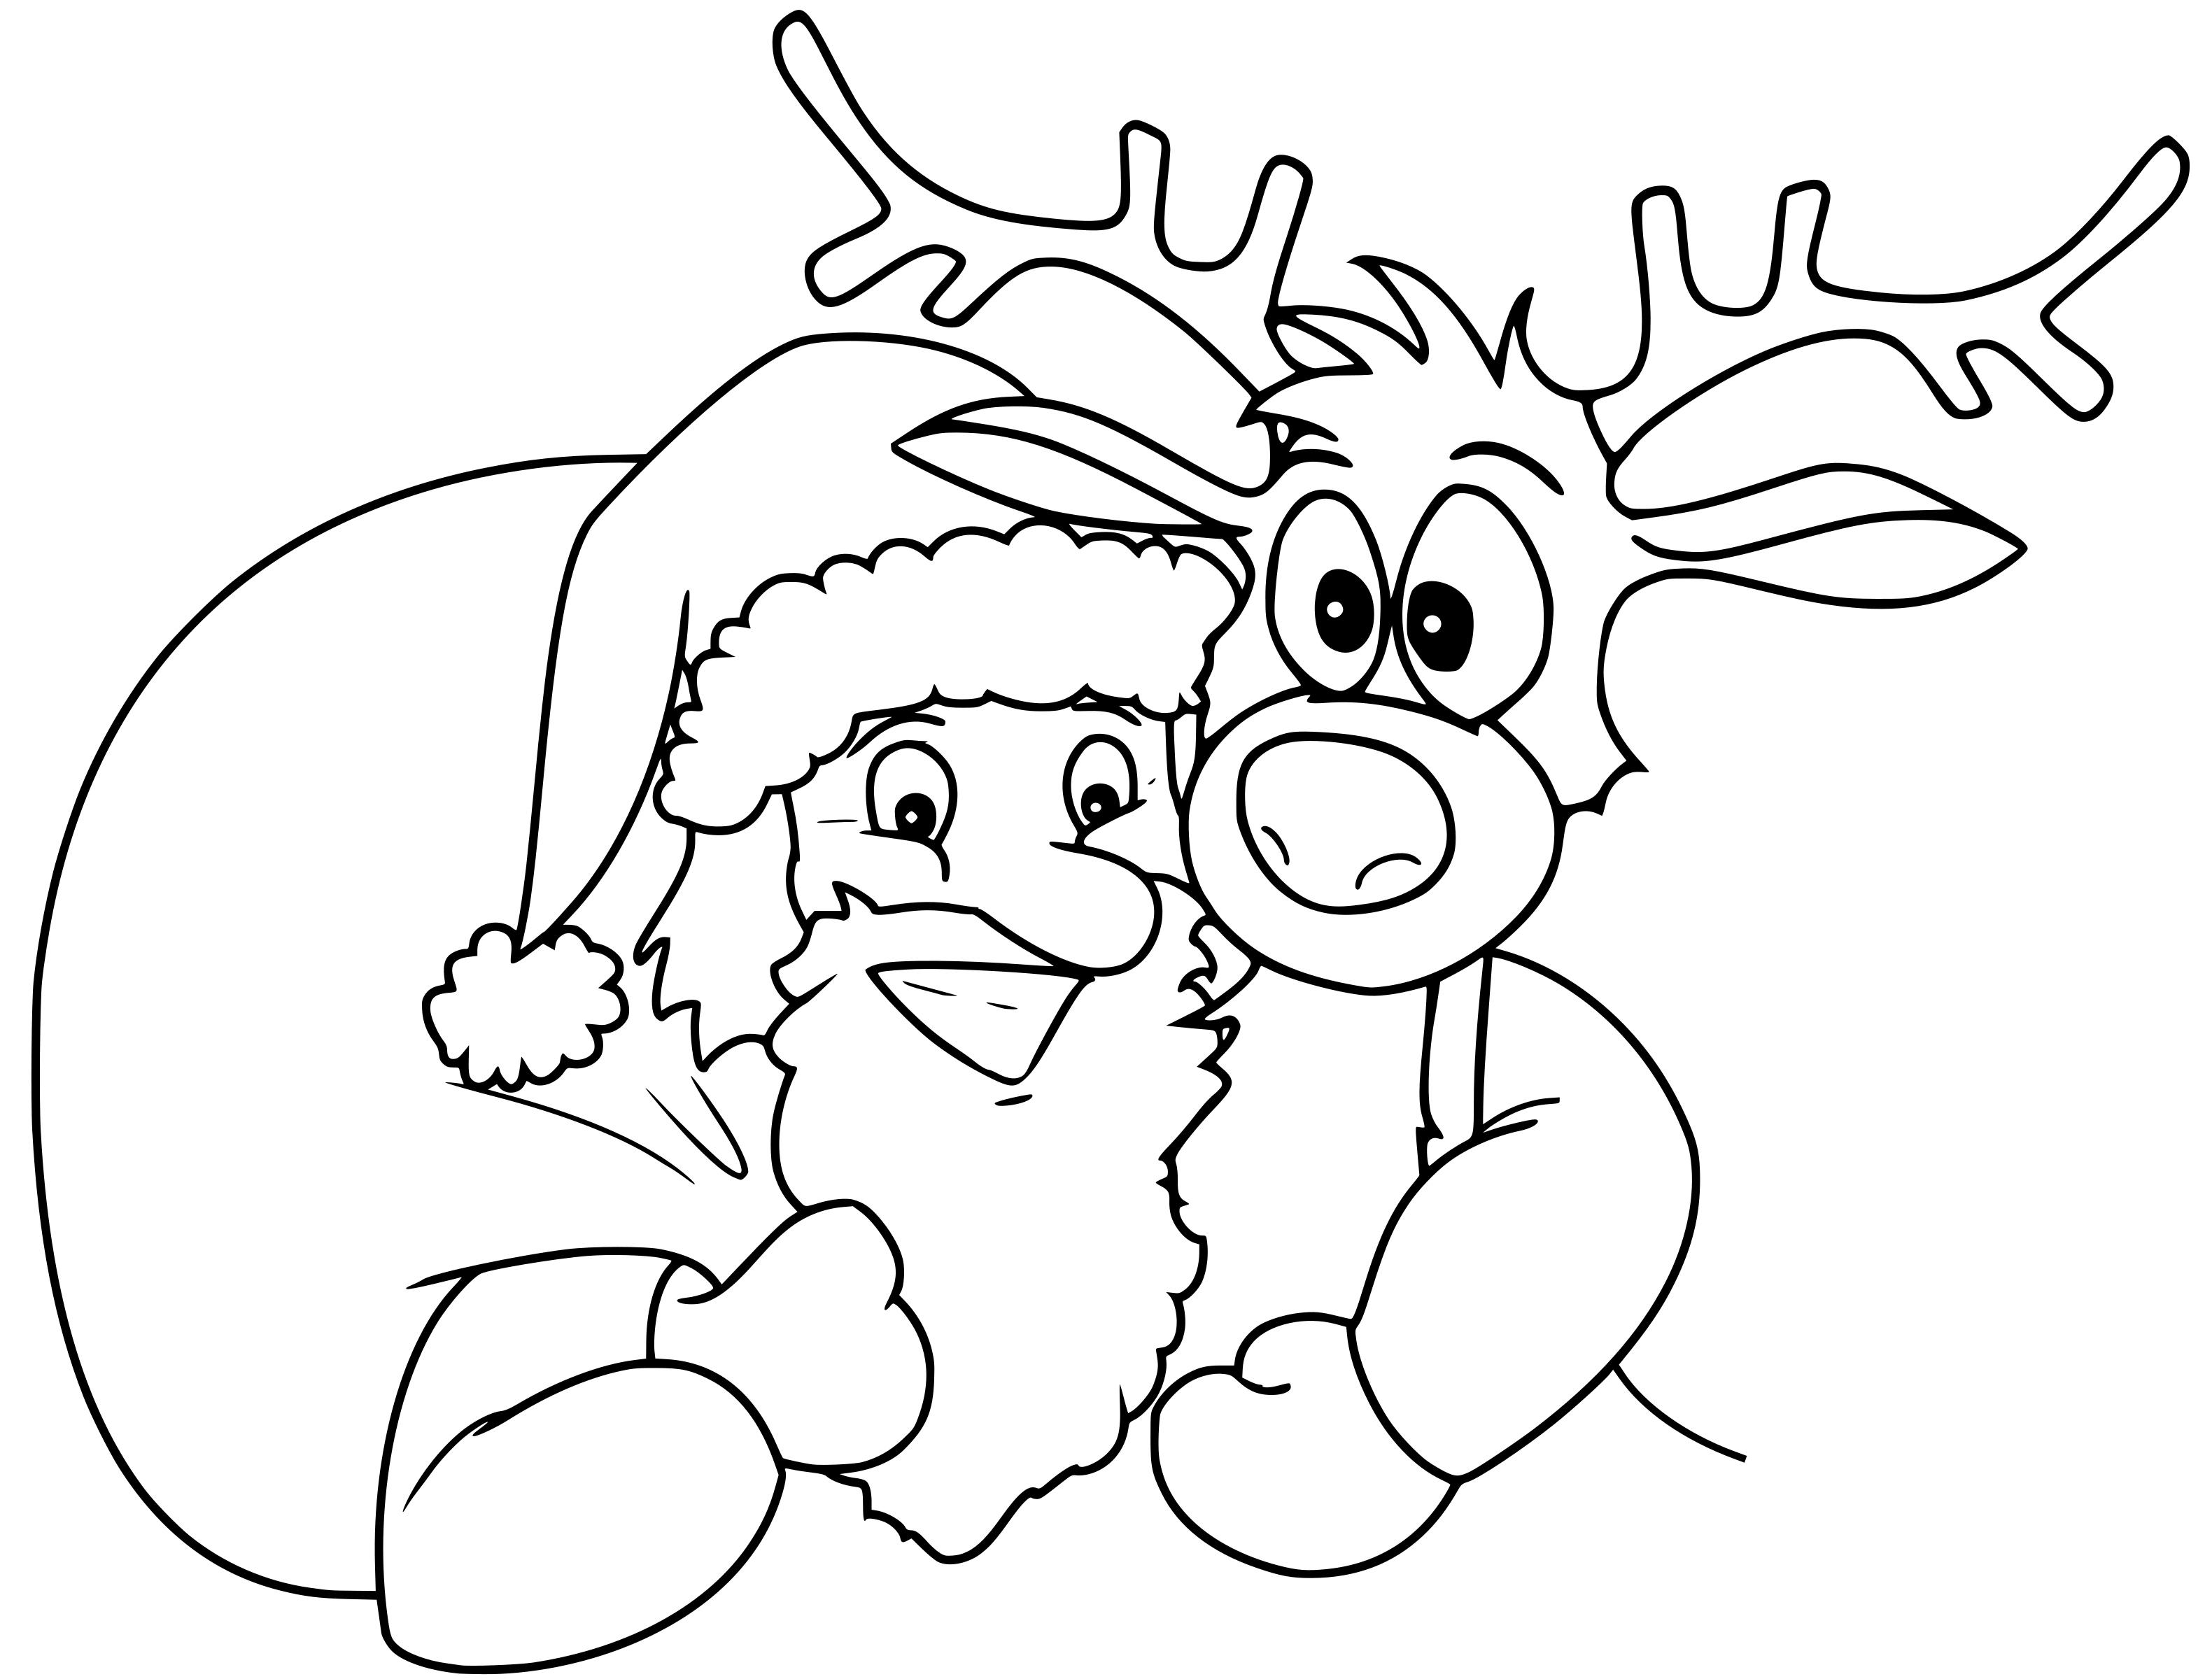 54 dibujos de navidad tarjetas papa noel y arbolitos de - Dibujos de pintar de navidad ...